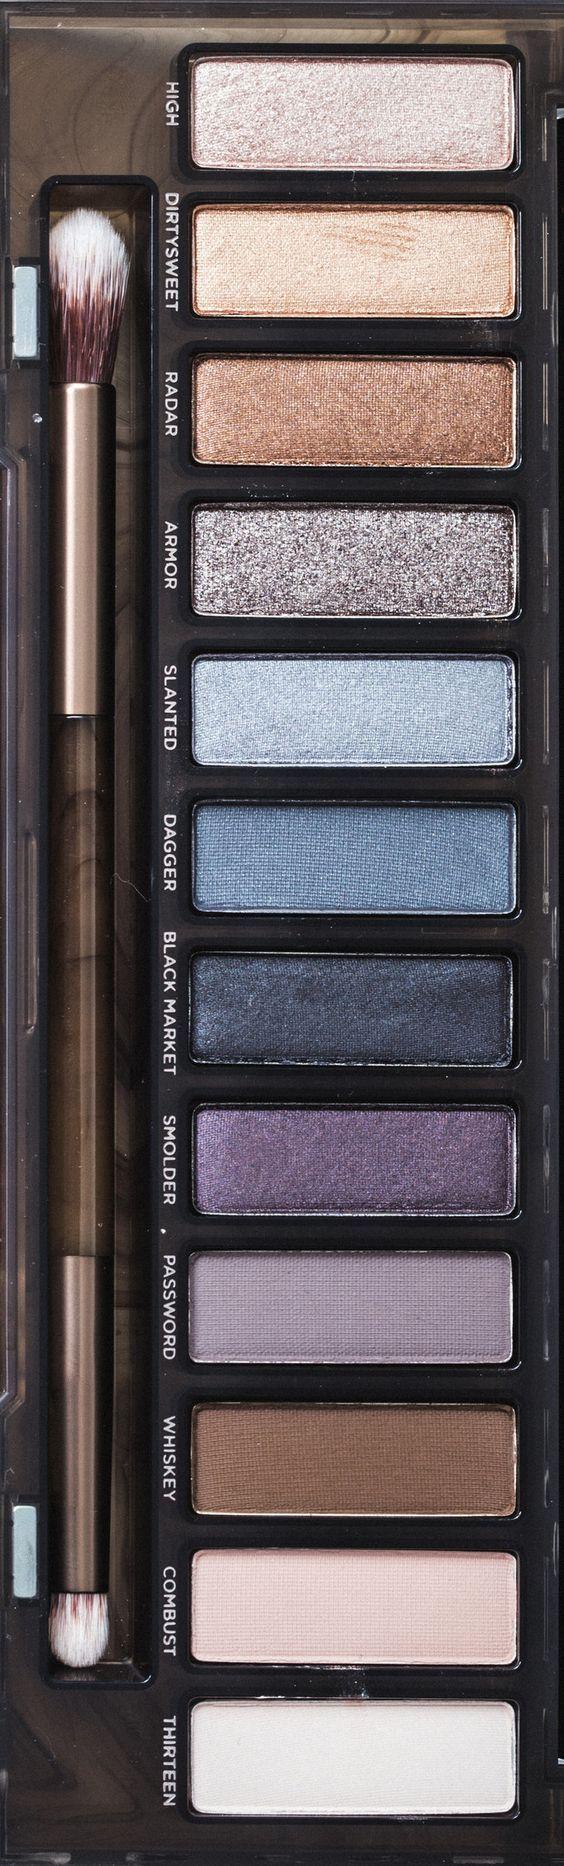 avec la palette naked smoky de sephora vous navez plus de raisons pour - Prix Maquillage Mariage Sephora